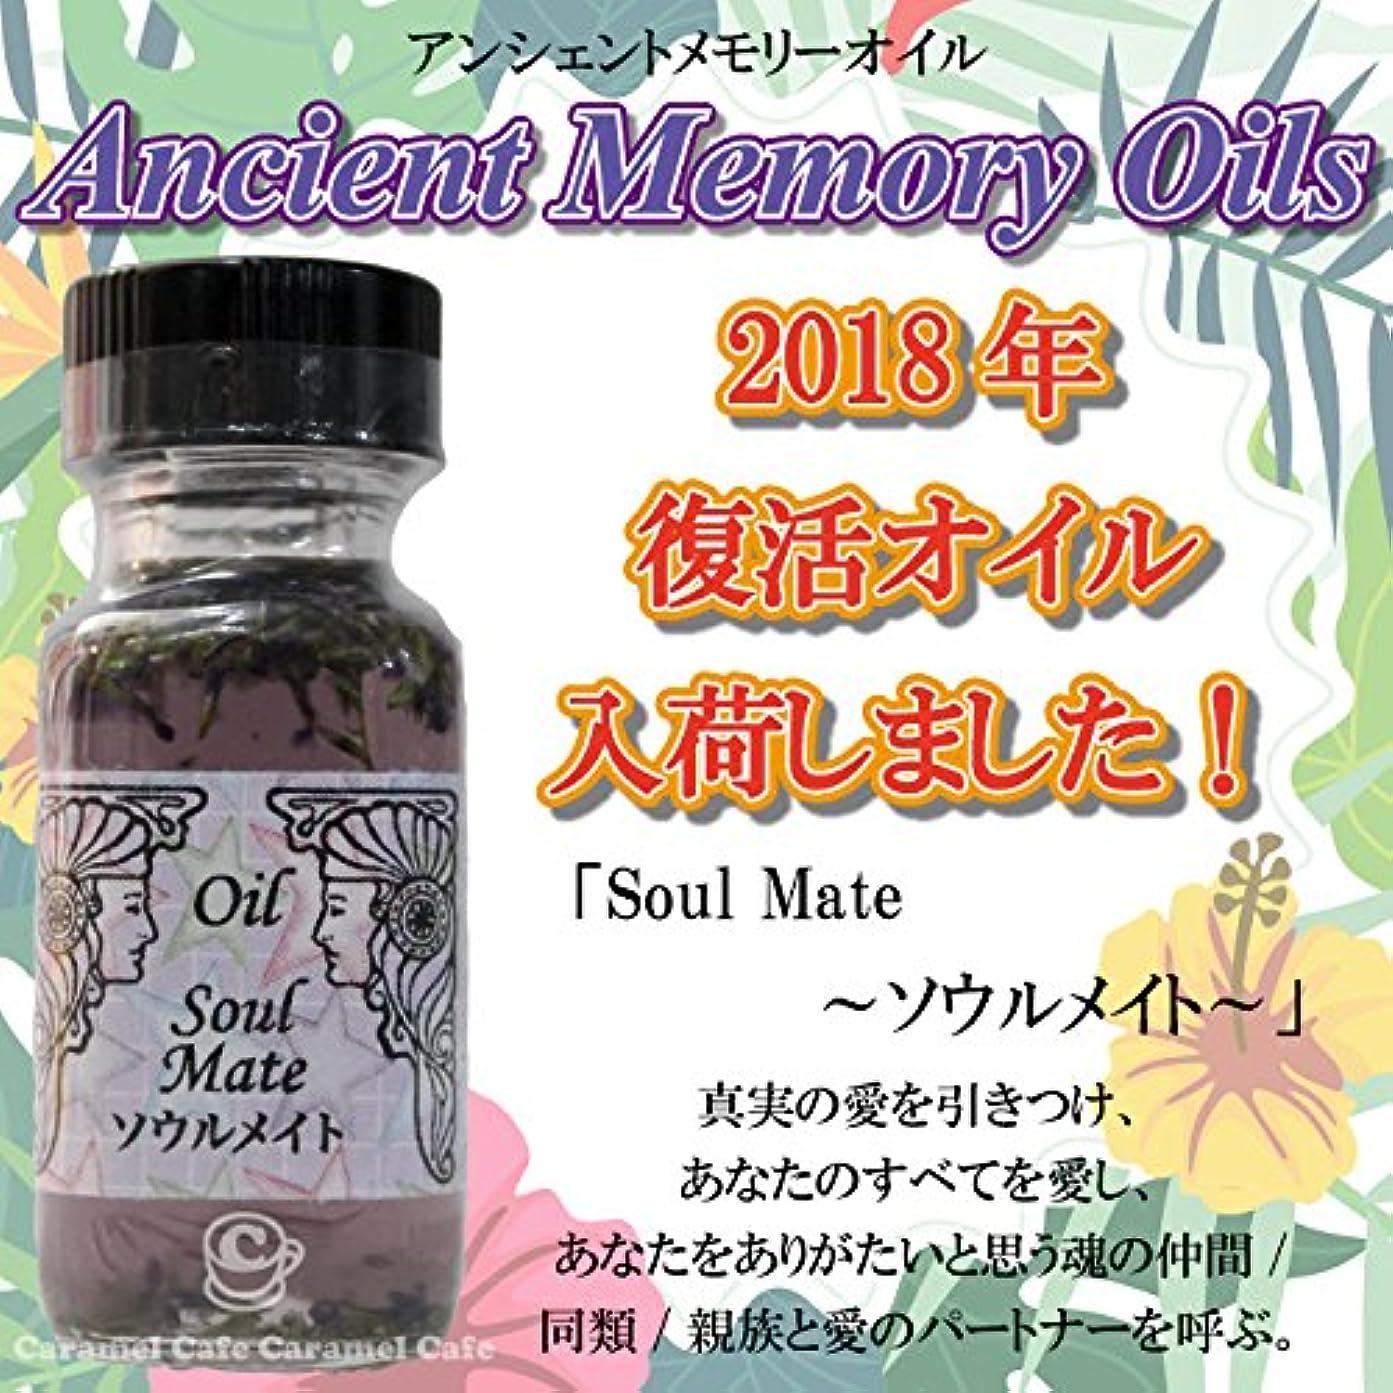 カンガルー痛み海洋のアンシェントメモリーオイル ソウルメイト 2018年復活 Soul Mate~魂の仲間